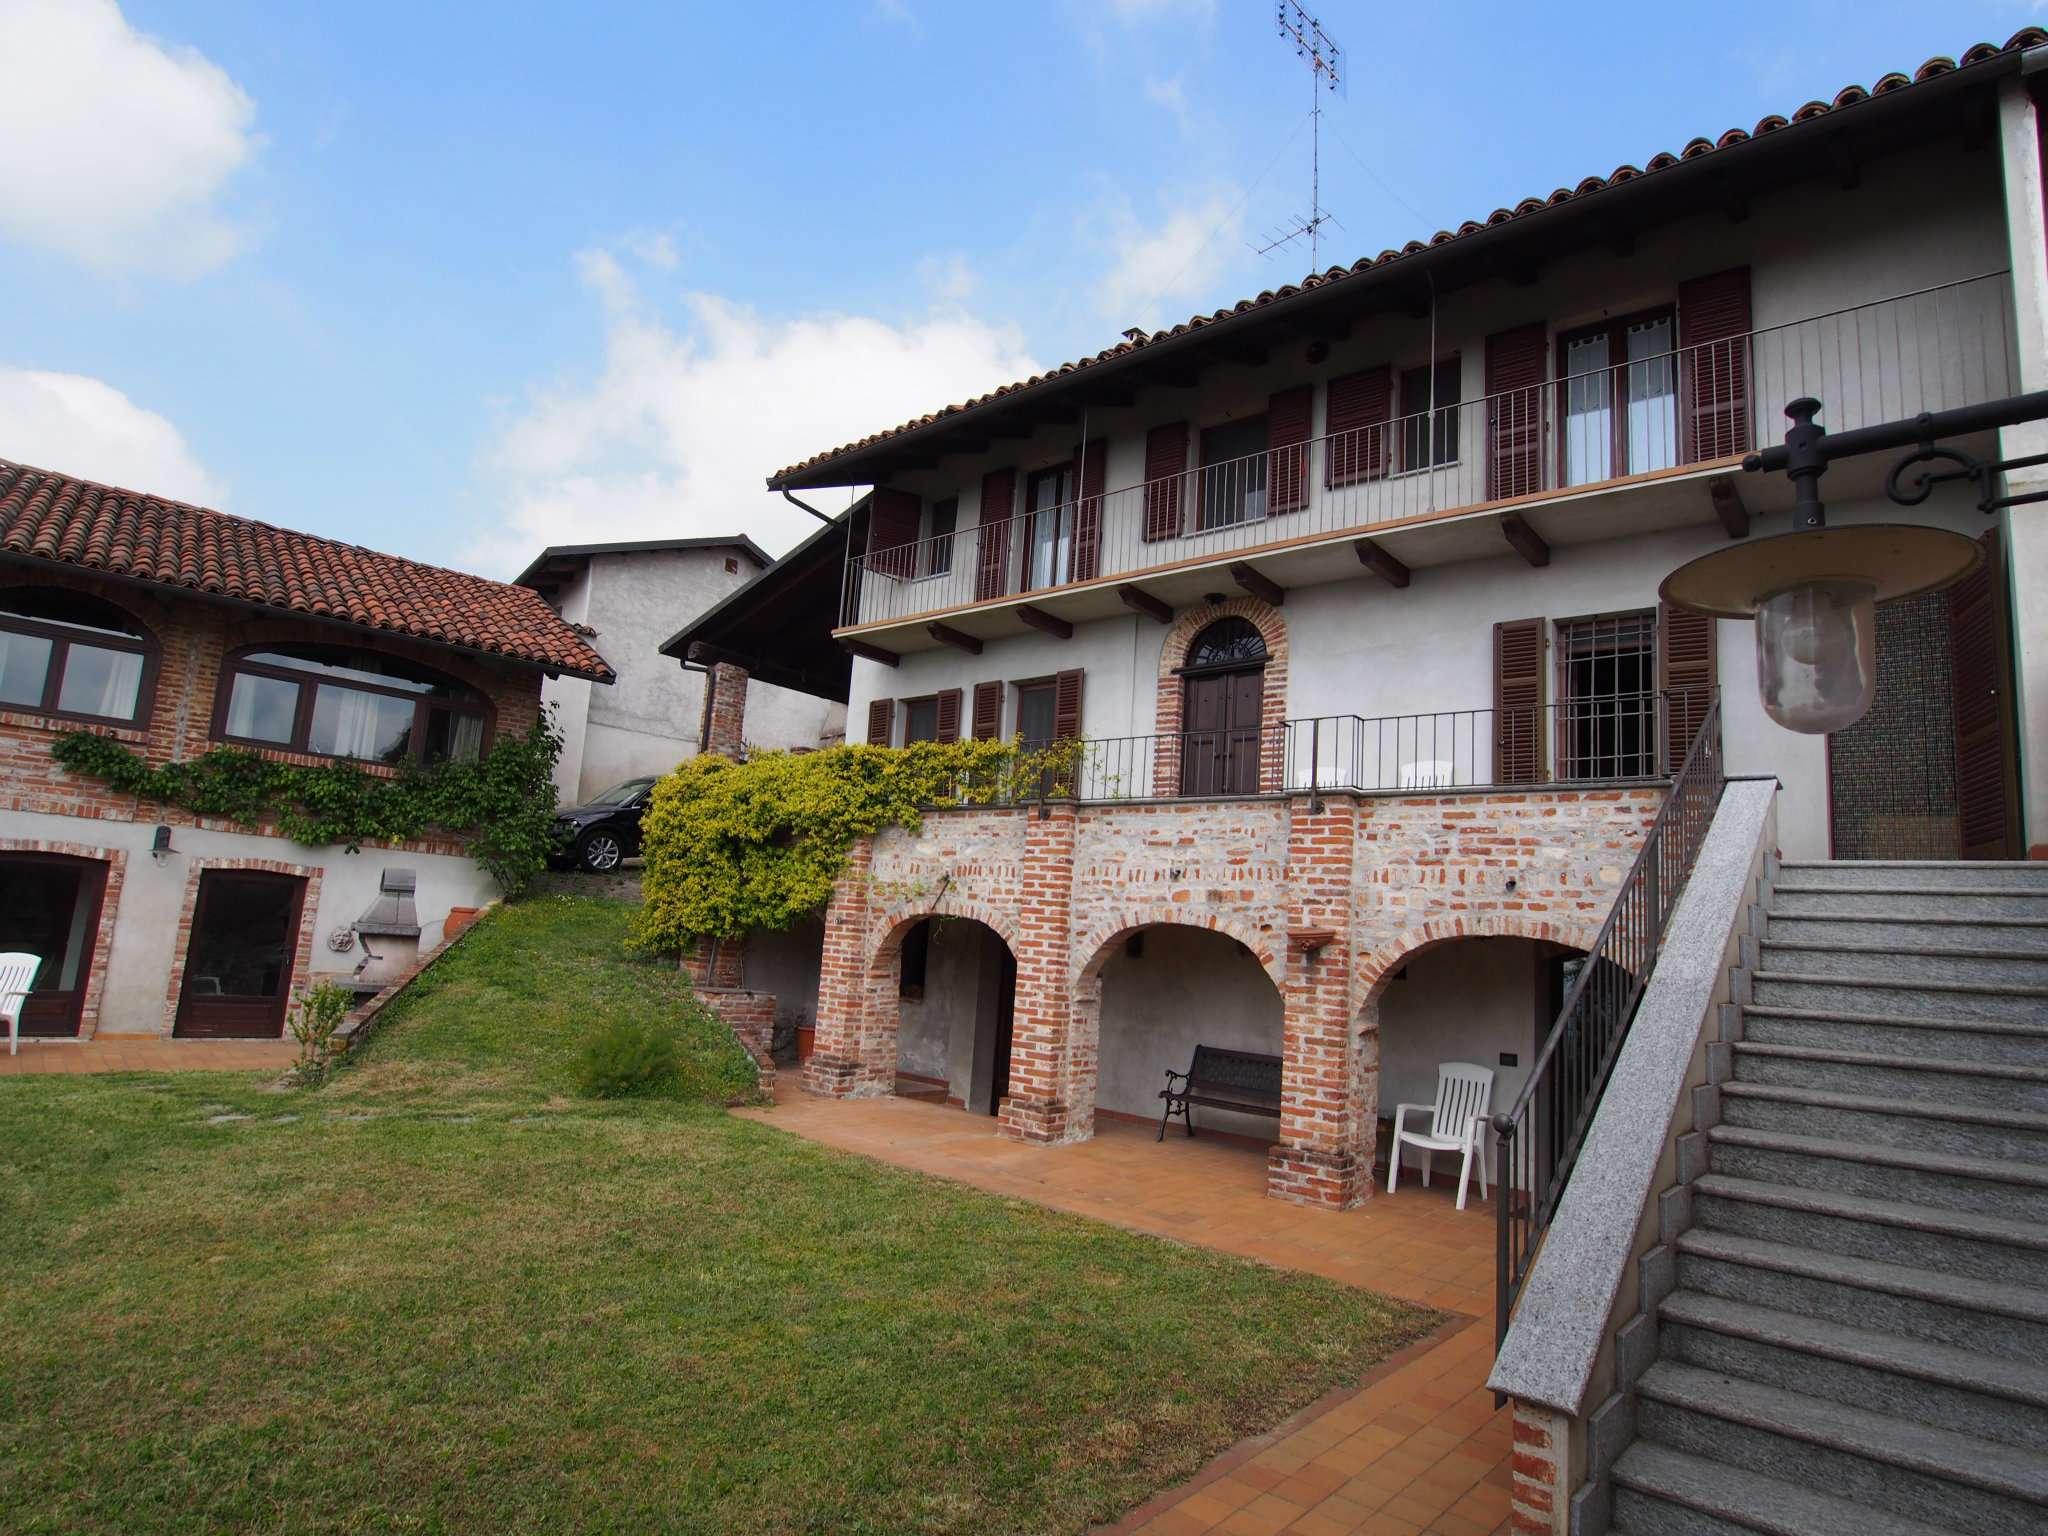 Soluzione Indipendente in vendita a Pino d'Asti, 10 locali, prezzo € 280.000 | PortaleAgenzieImmobiliari.it